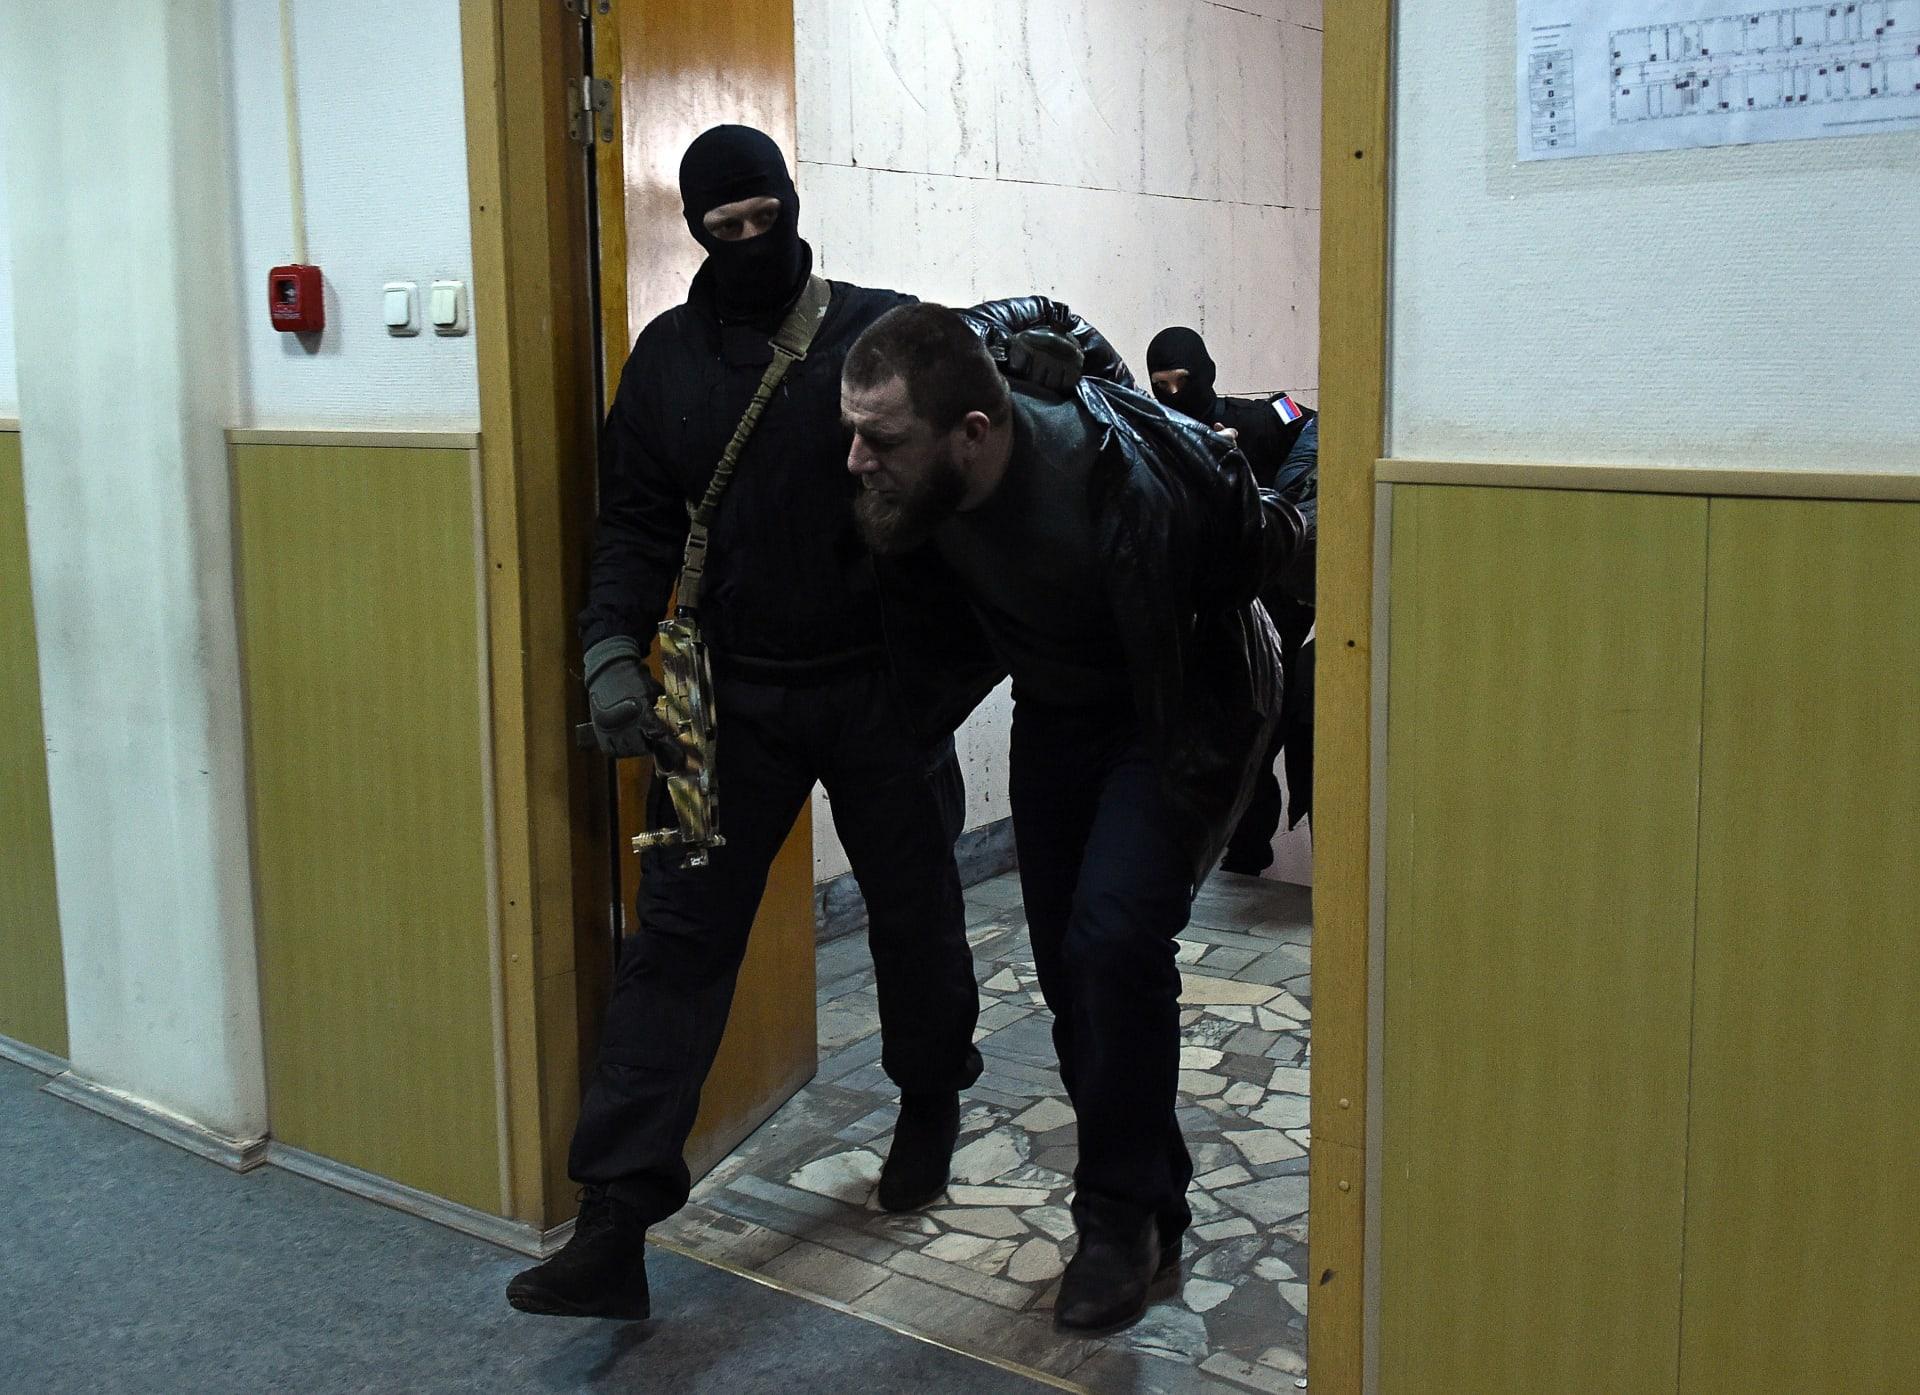 أحدهم قتل نفسه .. من هم المشتبه فيهم بقتل زعيم المعارضة الروسية نيمتسوف؟